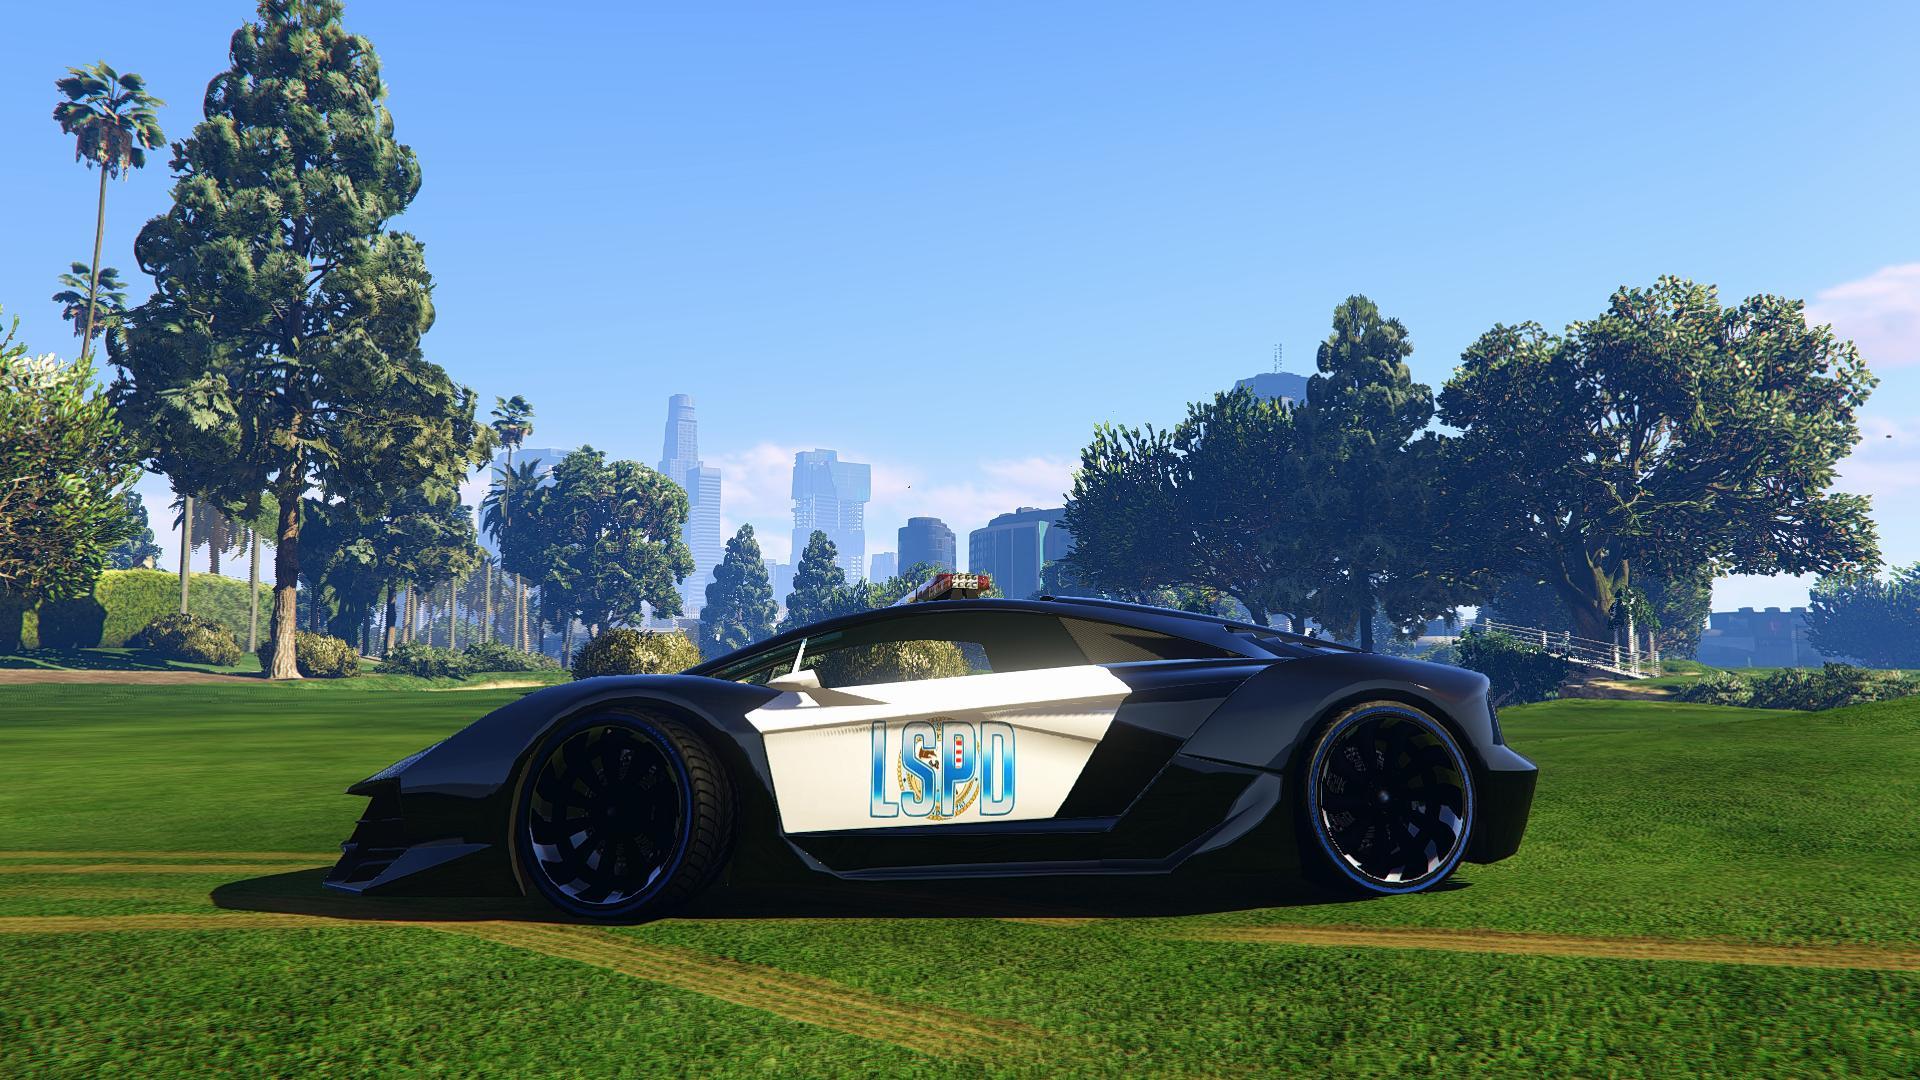 Lamborghini Police Zentorno Lspd Gta5 Mods Com